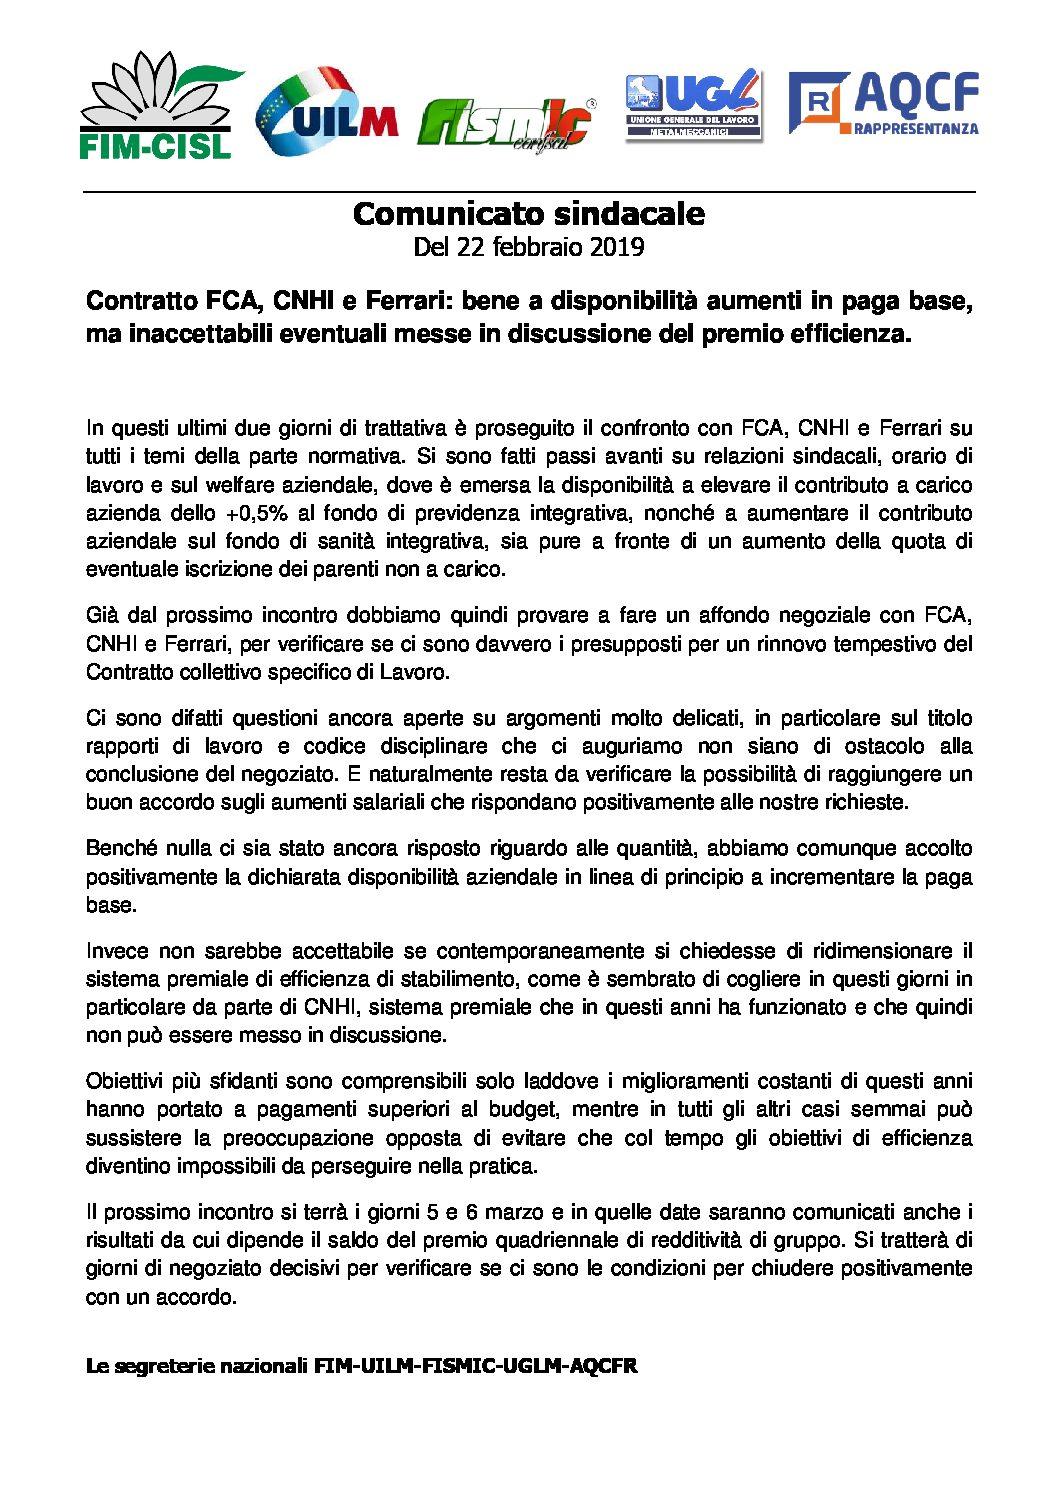 CONTRATTO FCA, CNHI E FERRARI: BENE A DISPONIBILITA AUMENTI IN PAGA BASE,MA INACCETTABILI EVENTUALI MESSE IN DISCUSSIONE DEL PREMIO EFFICIENZA